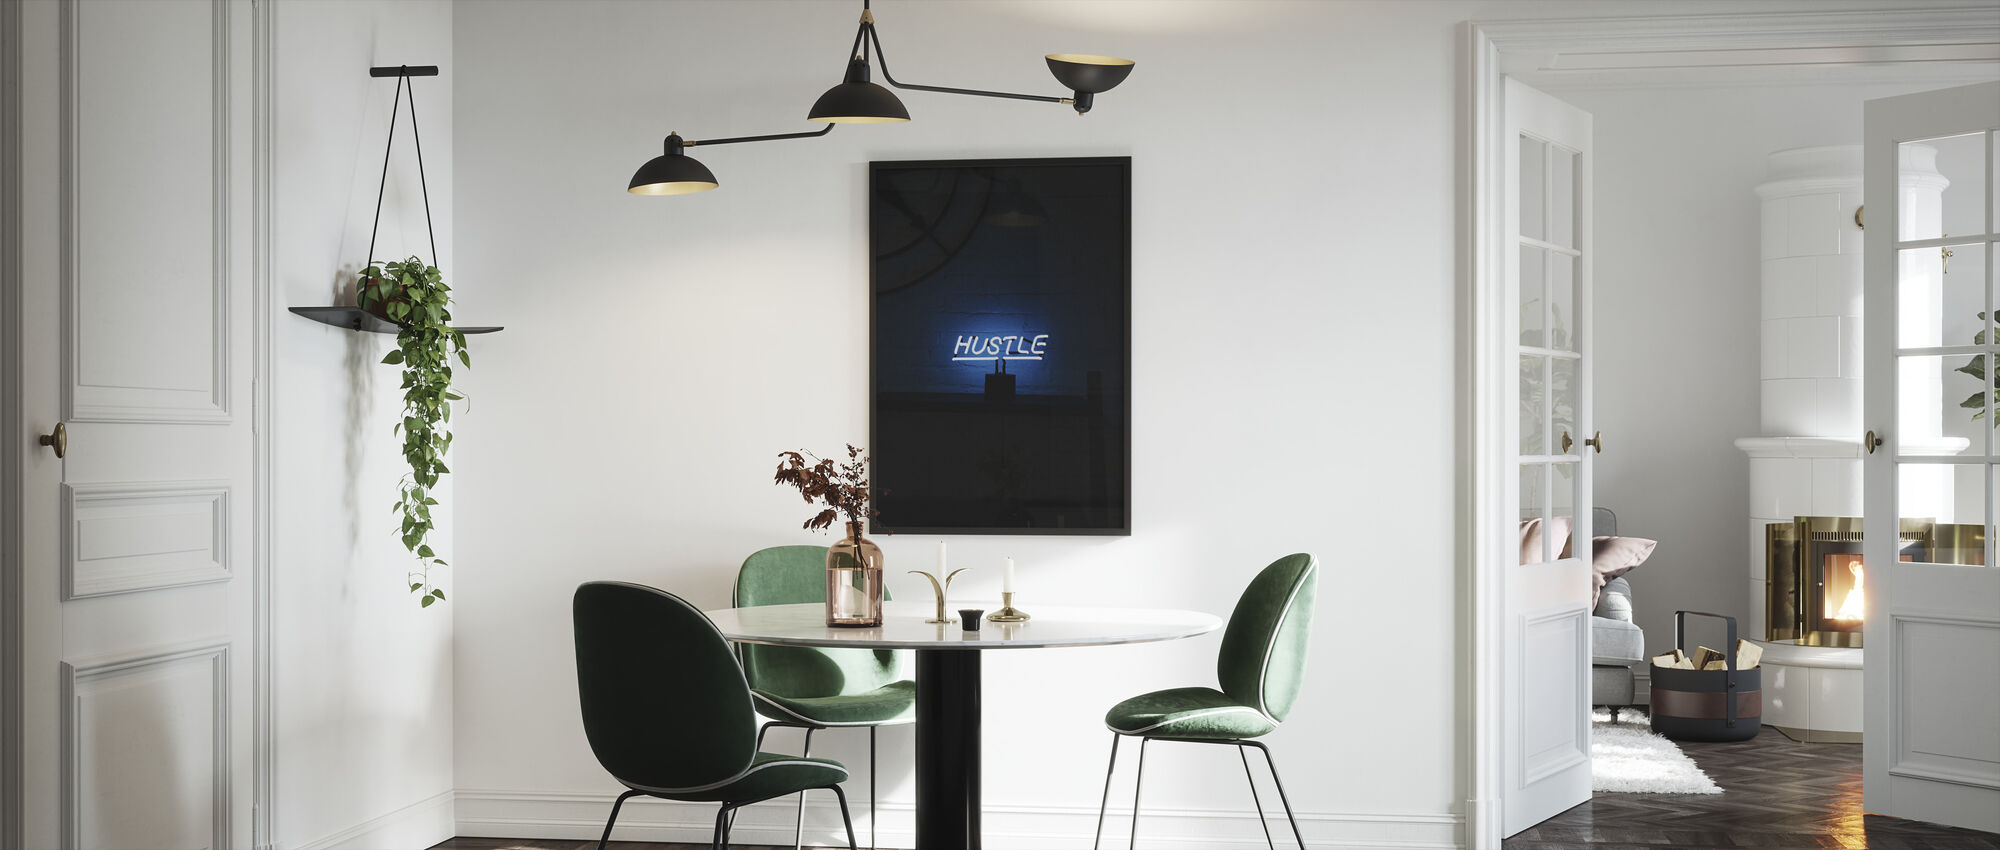 Hustle Neon Sign - Innrammet bilde - Kjøkken